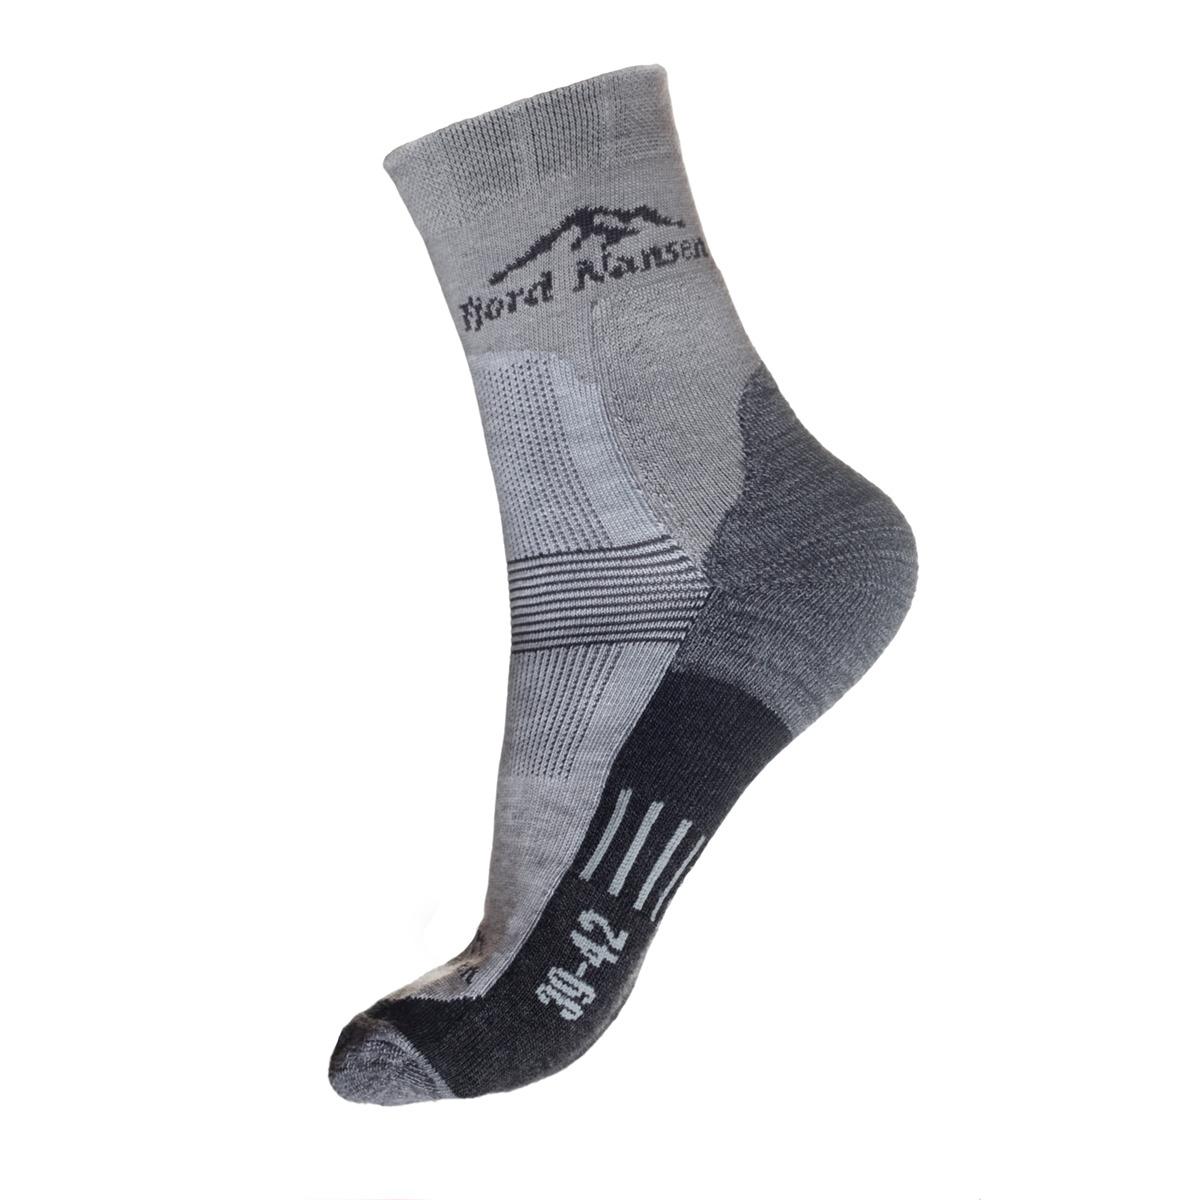 FN Socks Hike Low